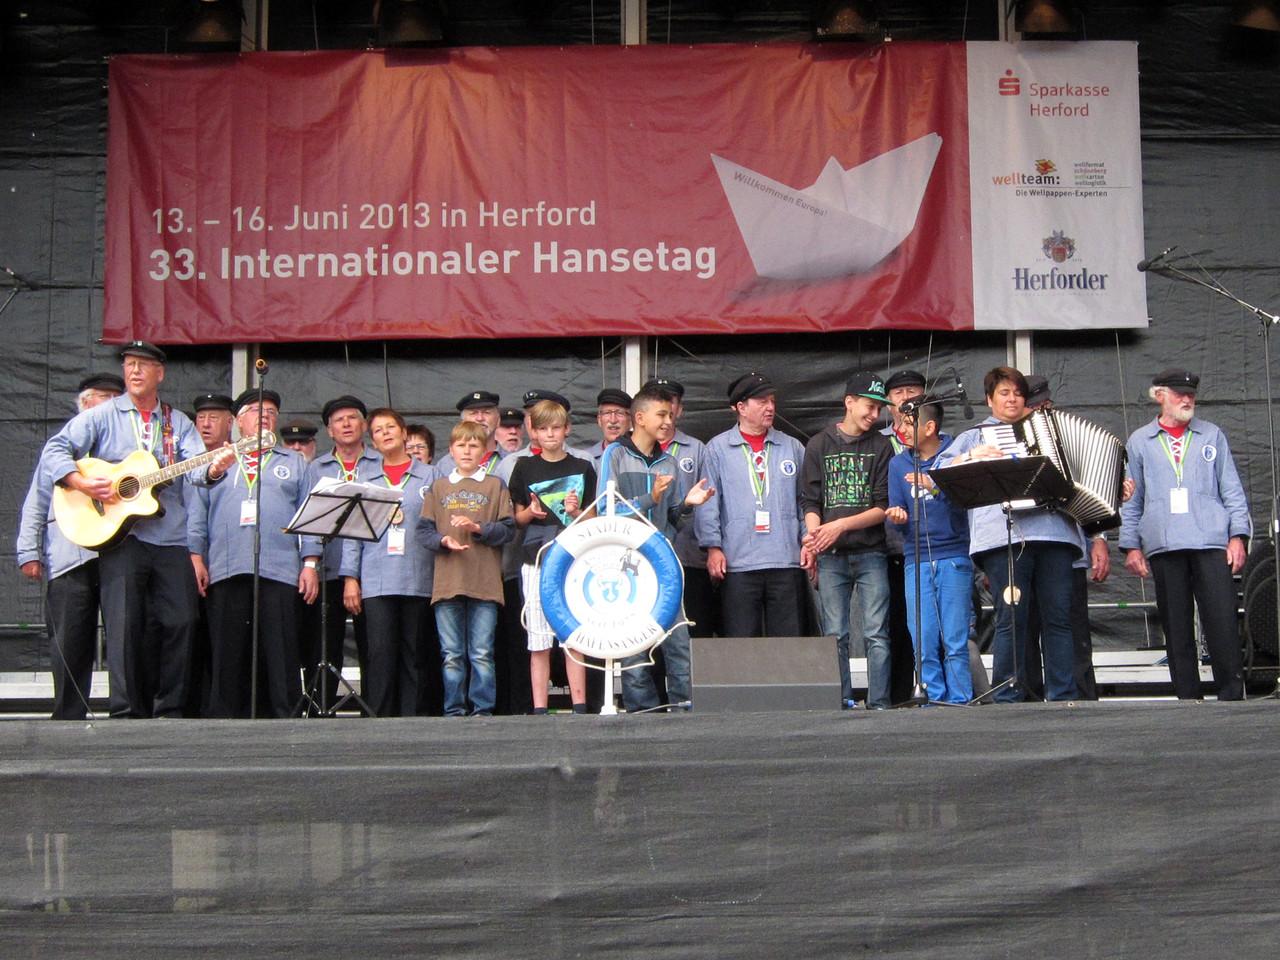 Auf der Bühne am Rathausplatz